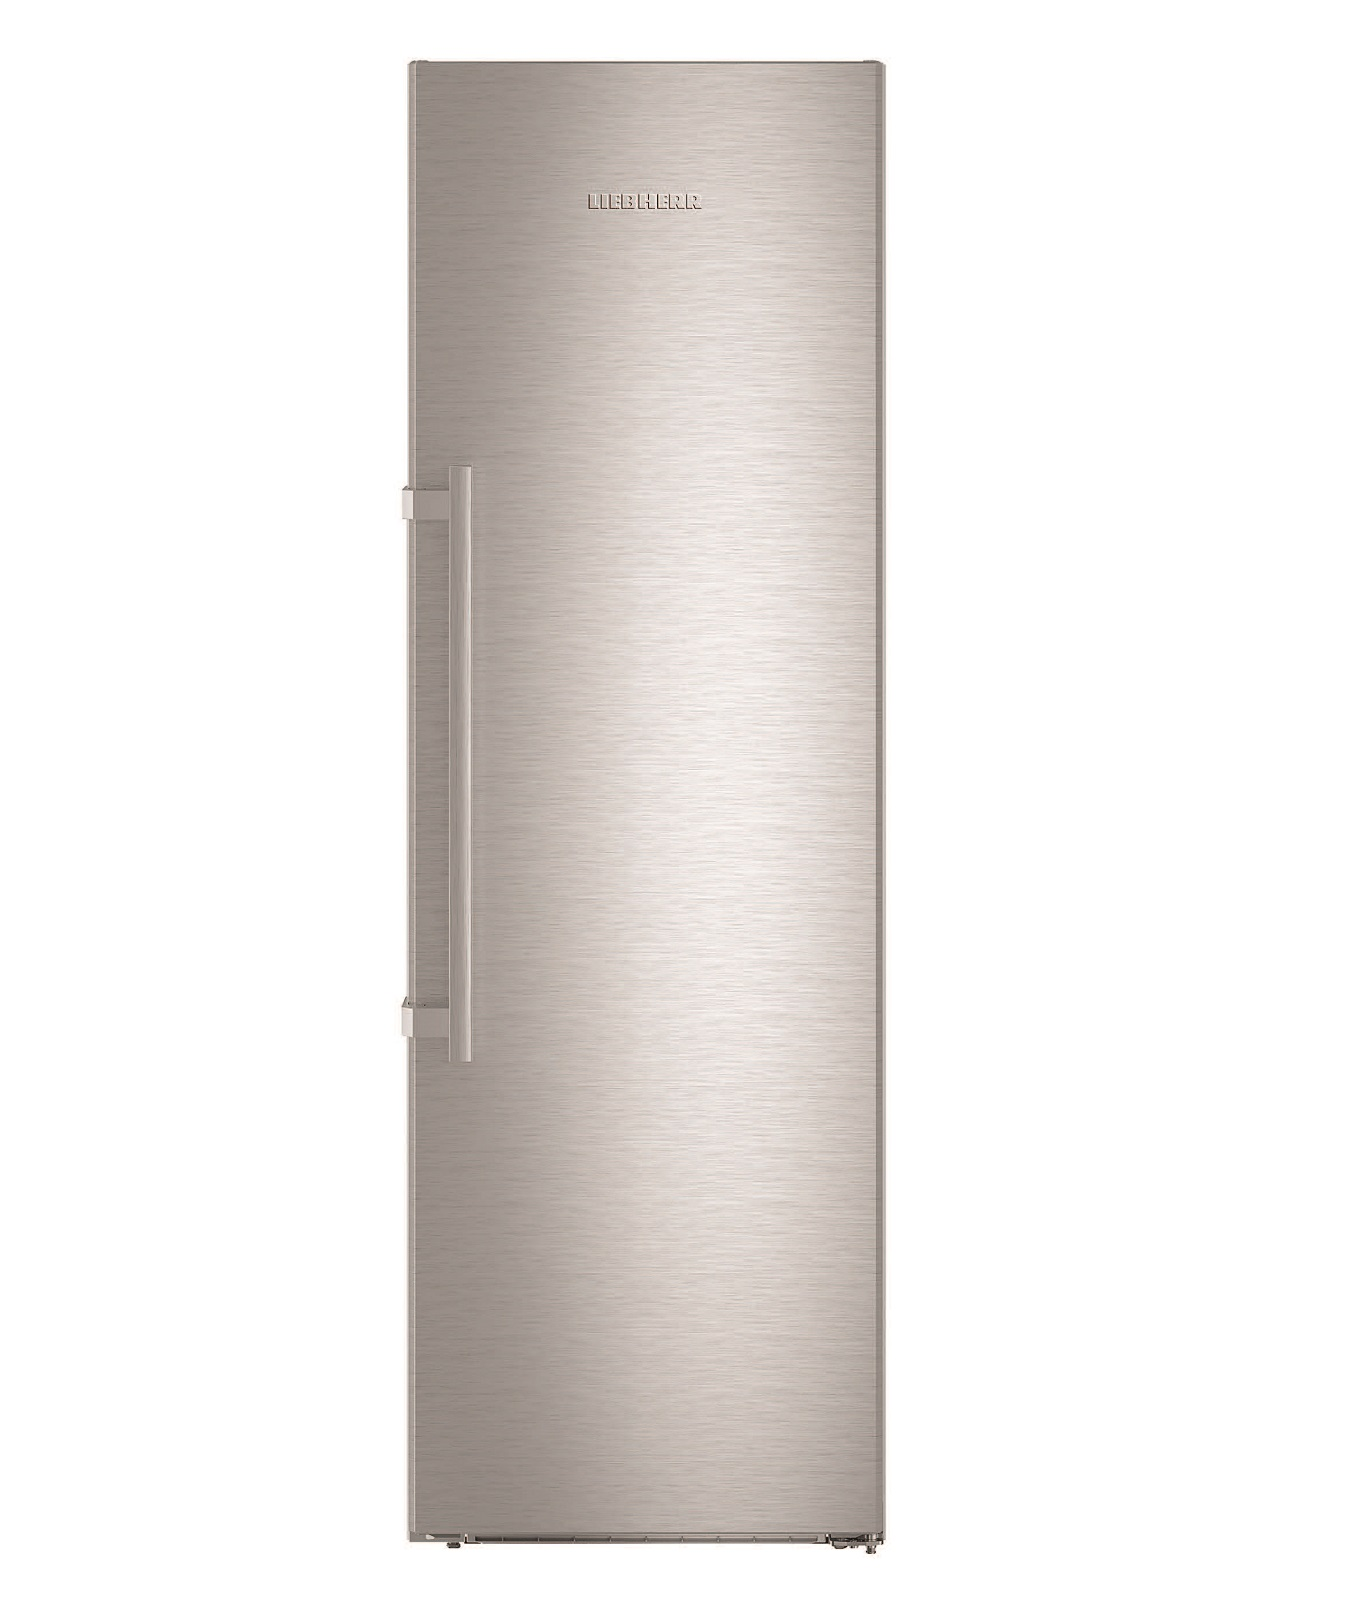 купить Однокамерный холодильник Liebherr Kef 4330 Украина фото 6